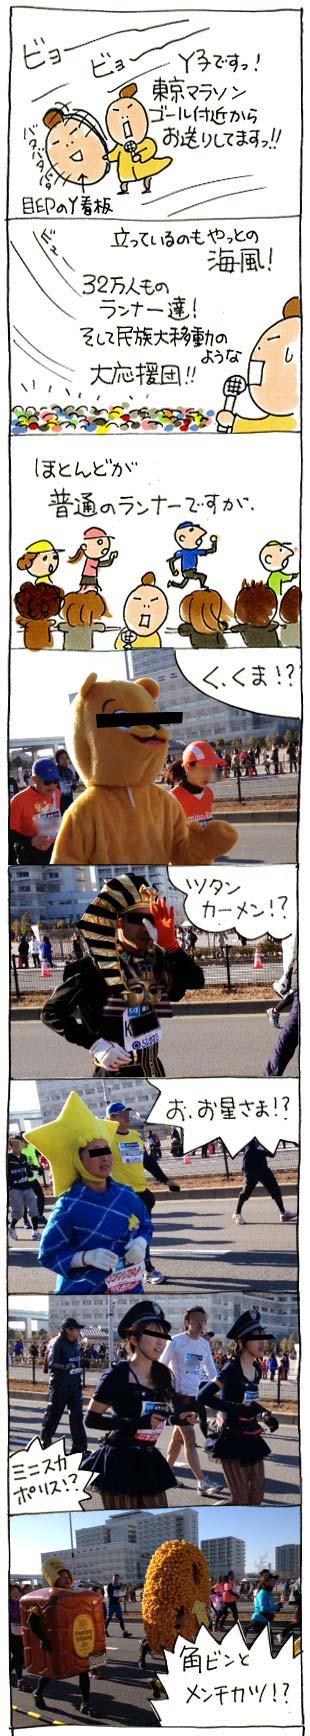 マンボマラソン当日01-1